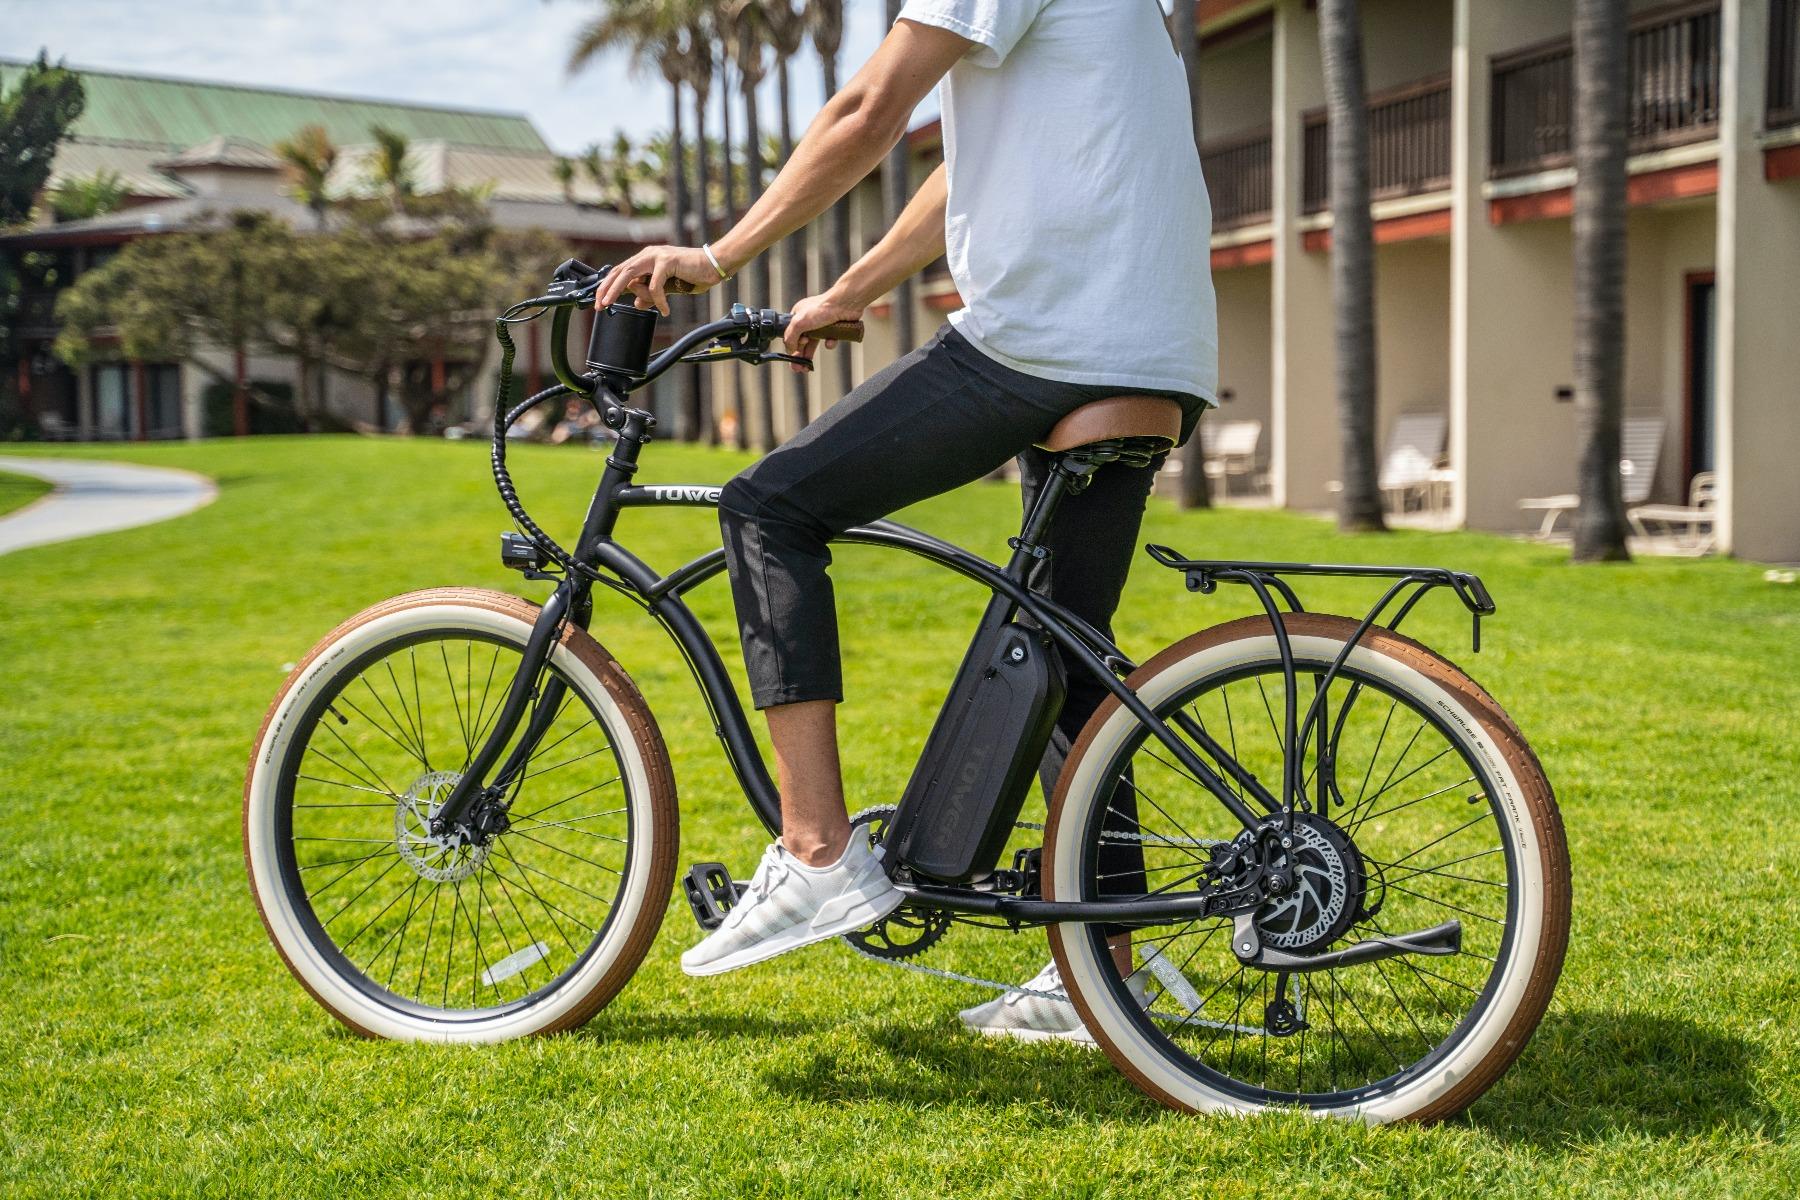 E-bike koopgids: waar op letten bij aankoop elektrische fiets?